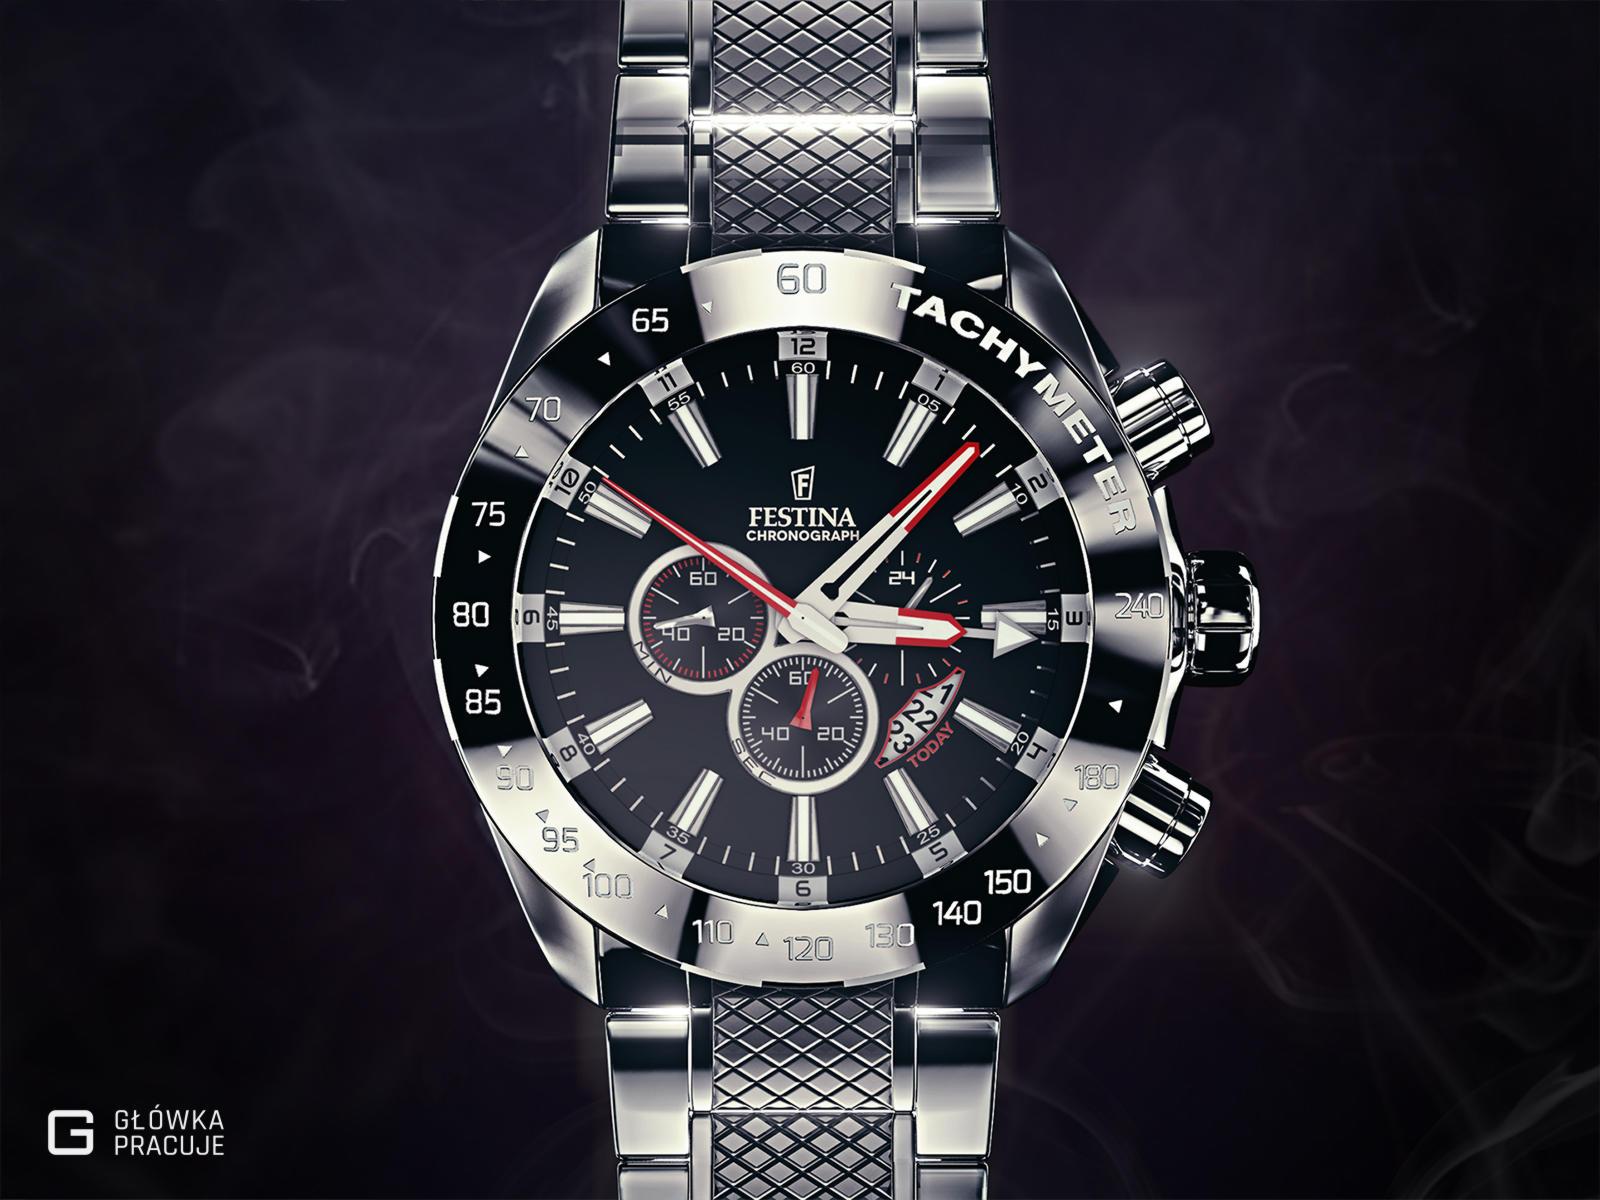 Główka pracuje pl Festina f16488 wizualizacja 3d zegarka, mentalray